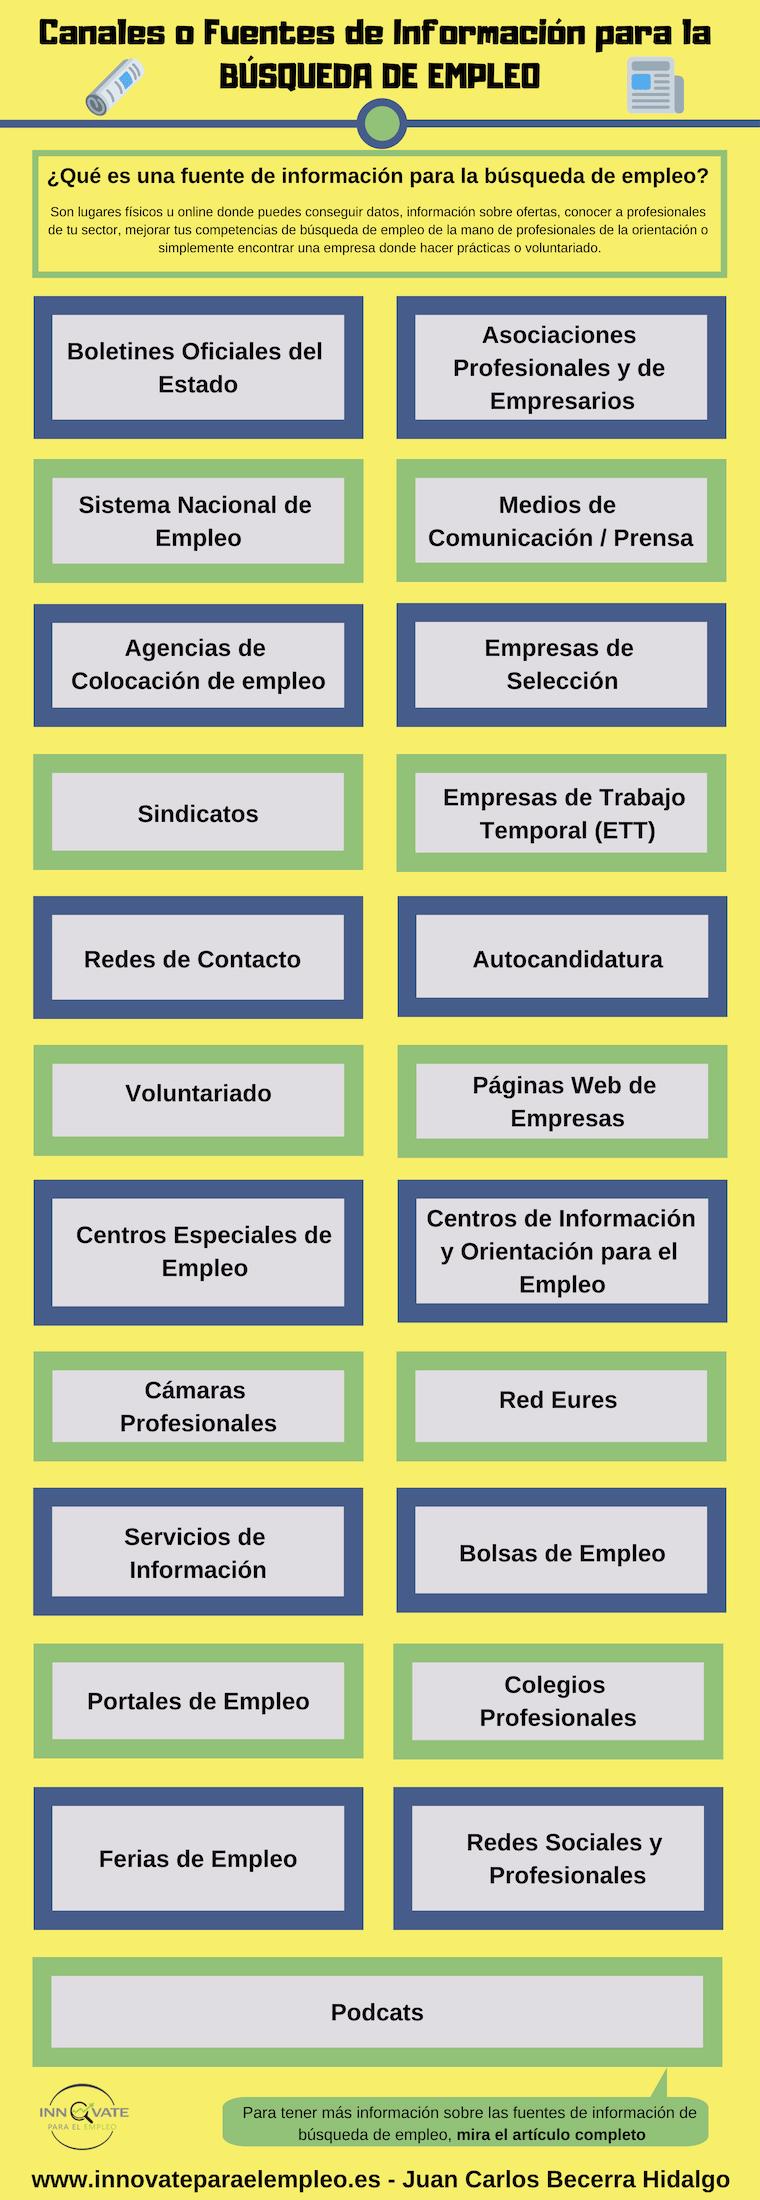 Infografía sobre fuentes de información